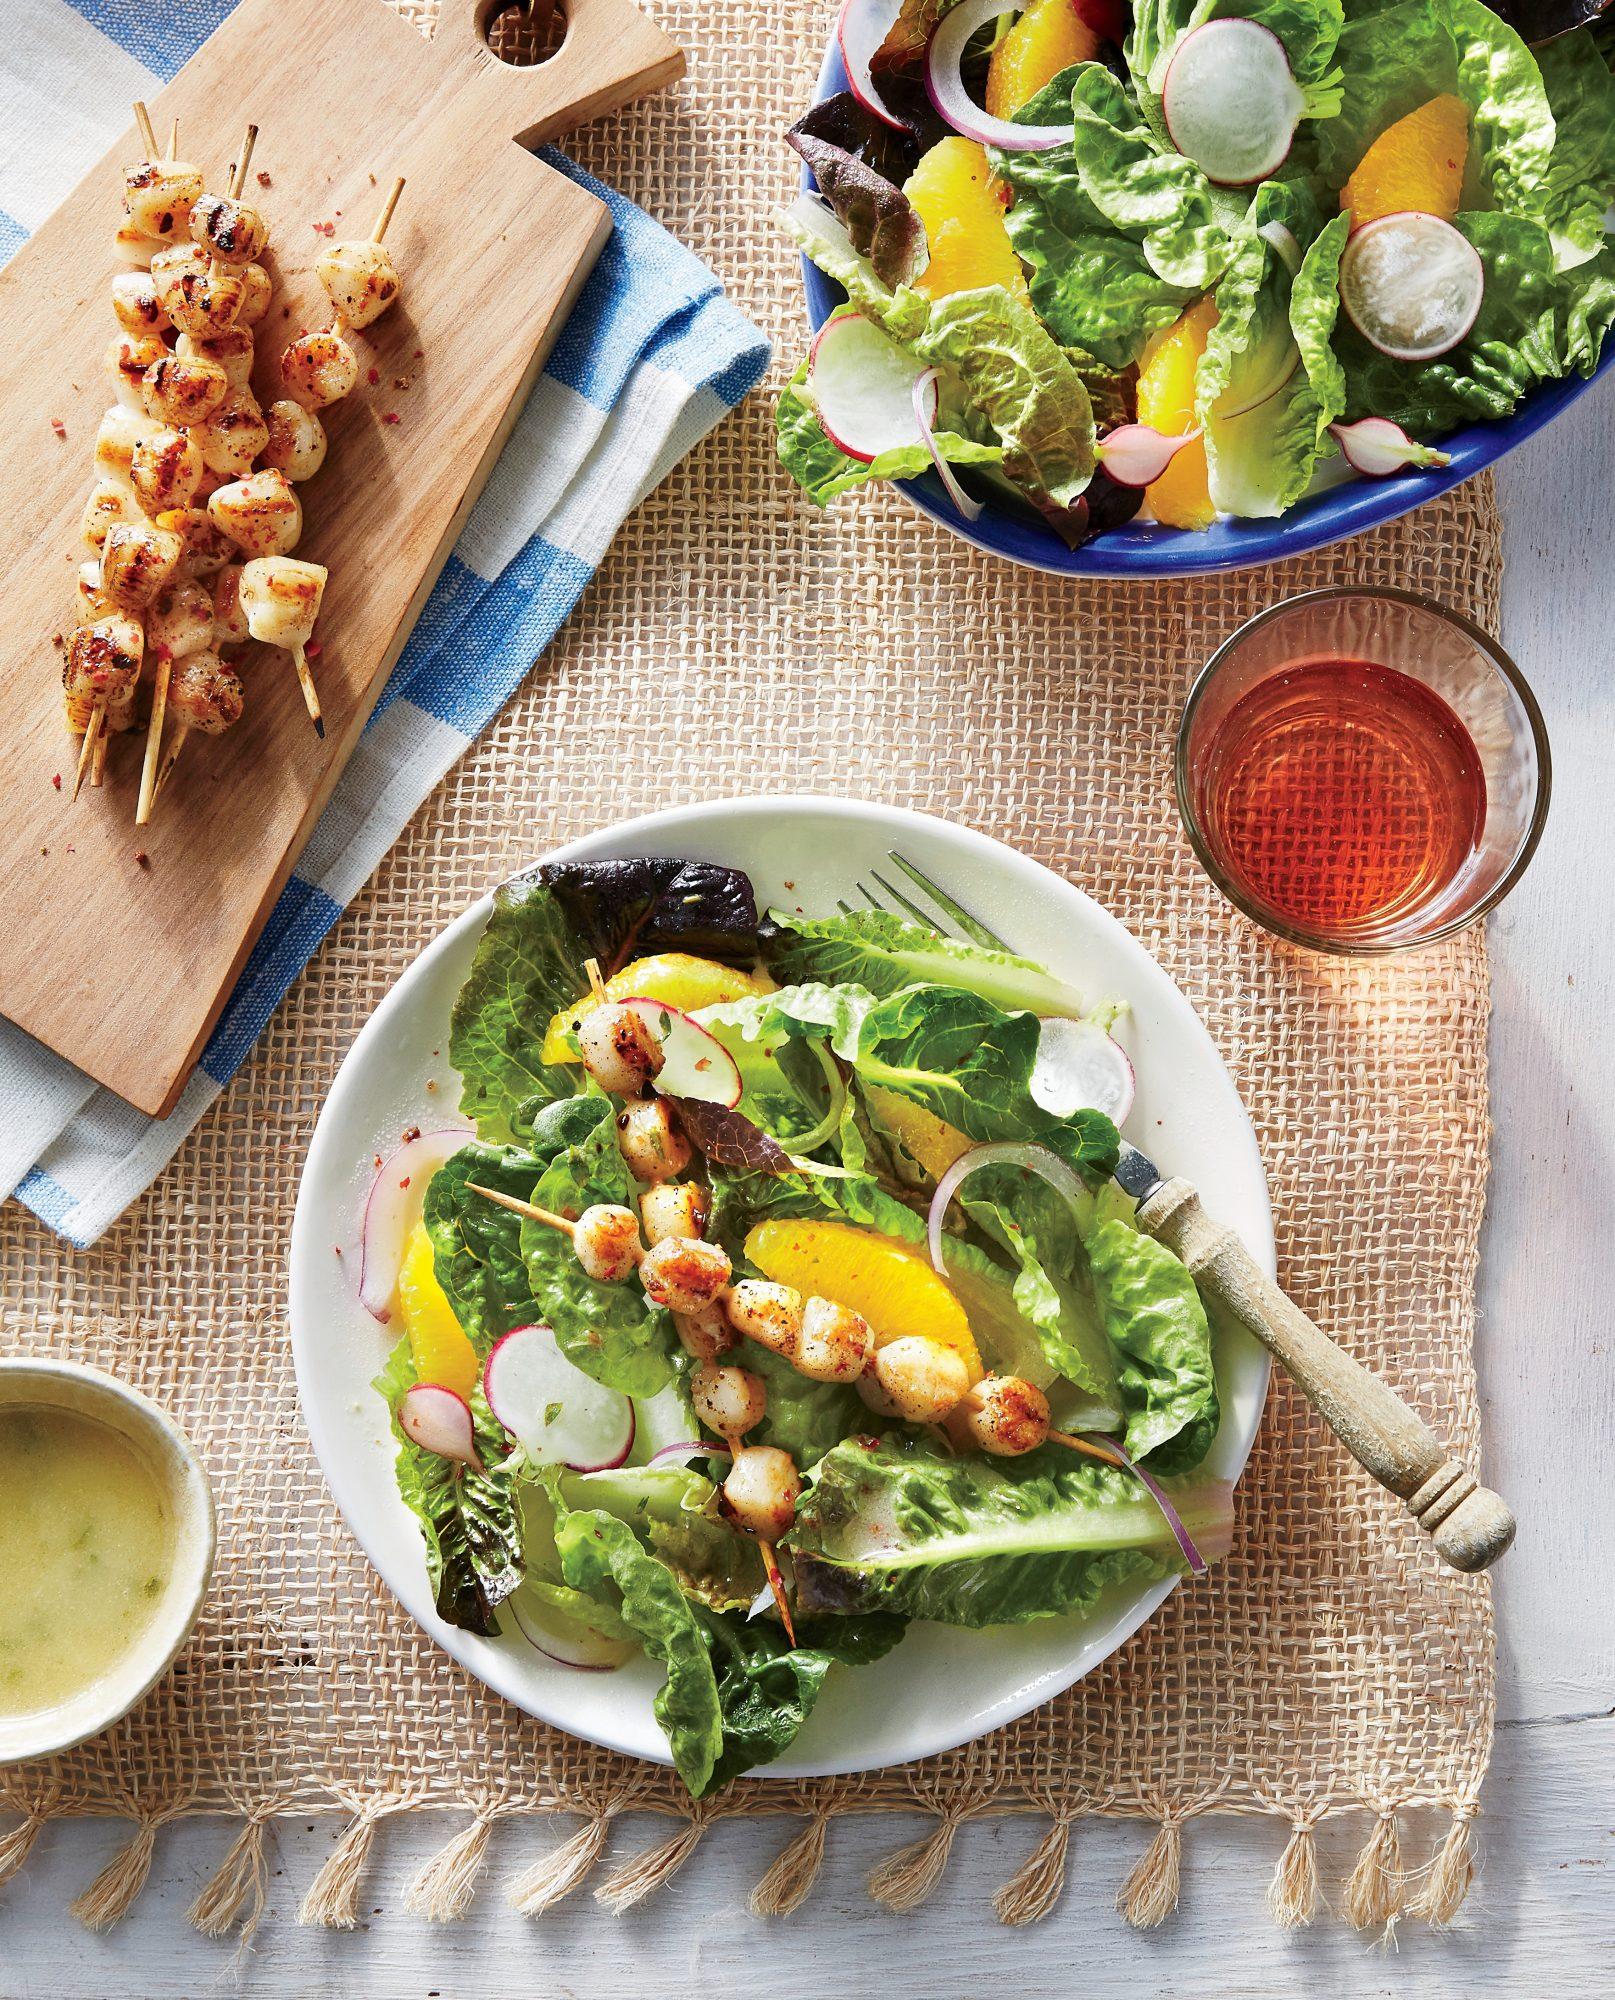 Grilled Scallop Salad with Citrus Vinaigrette